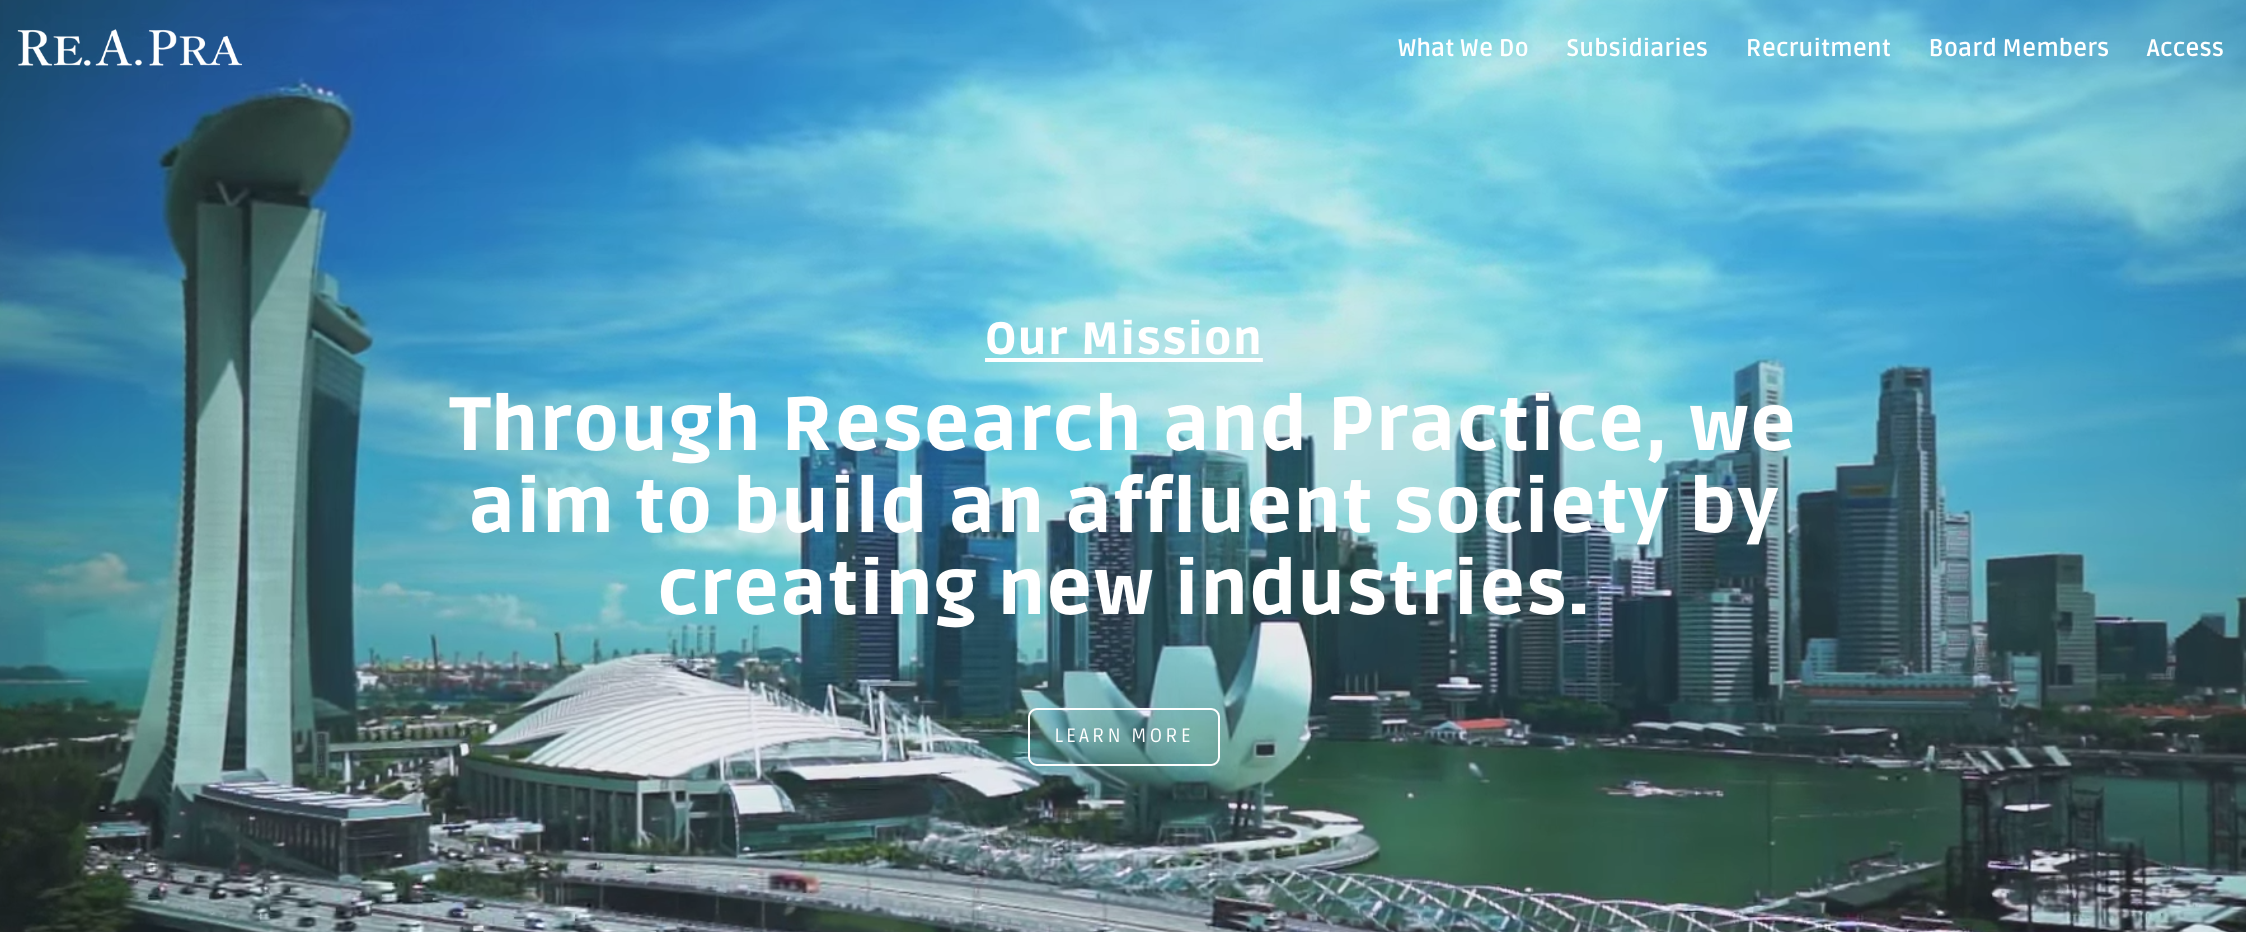 東南アジア全域イノベーションを巻き起こす注目のREAPRAグループの一角